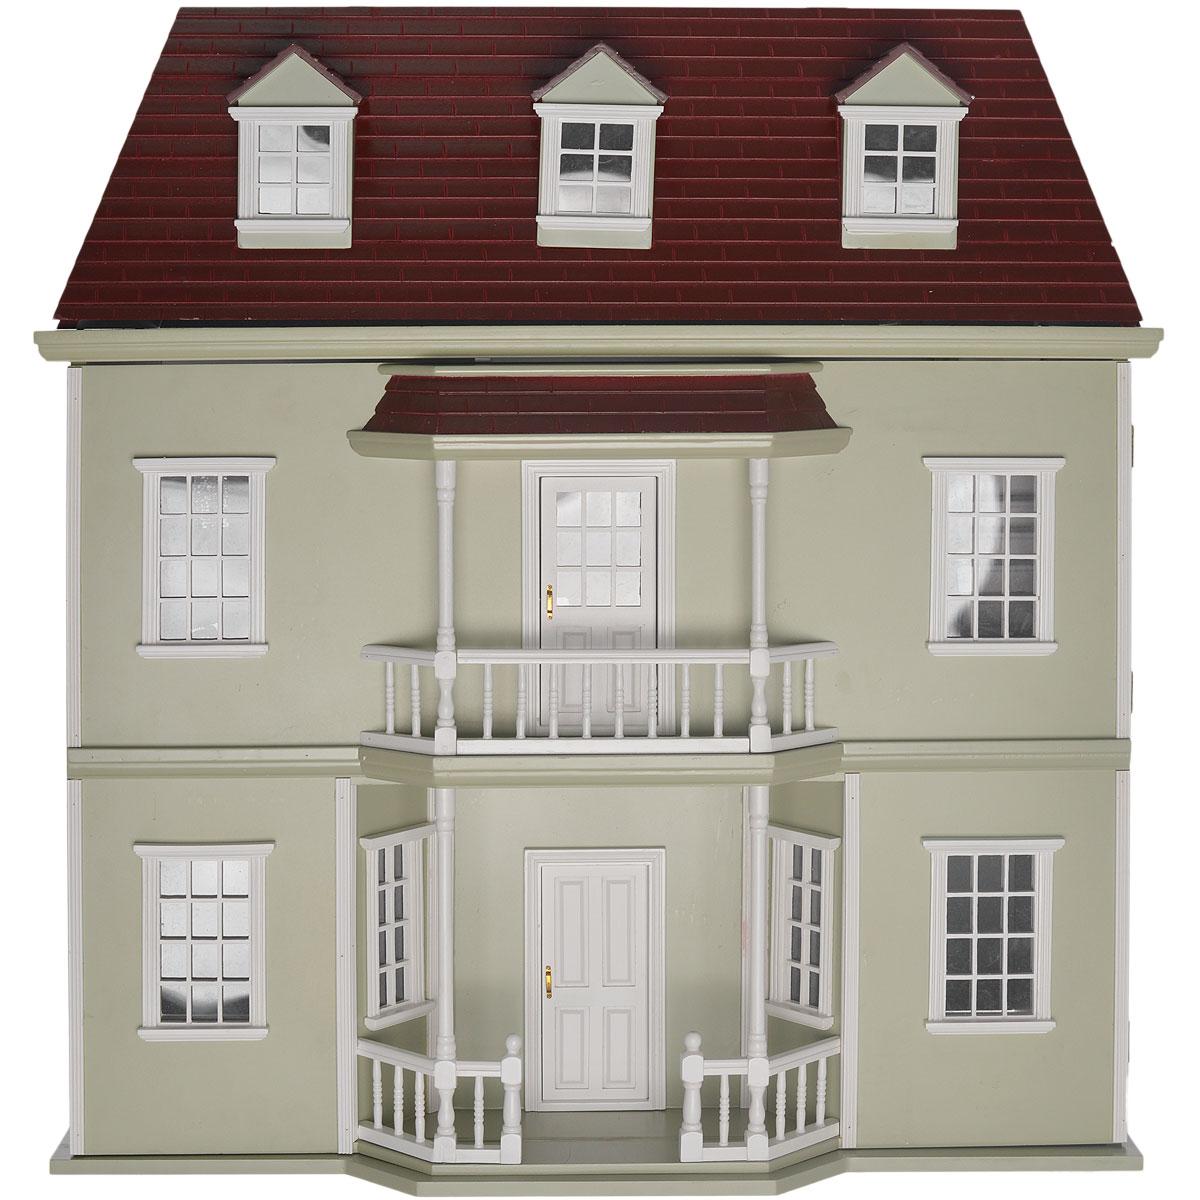 Миниатюра кукольная Art of Mini  Дом , 64,5 см х 40 см х 48,5 см - Игрушки своими руками